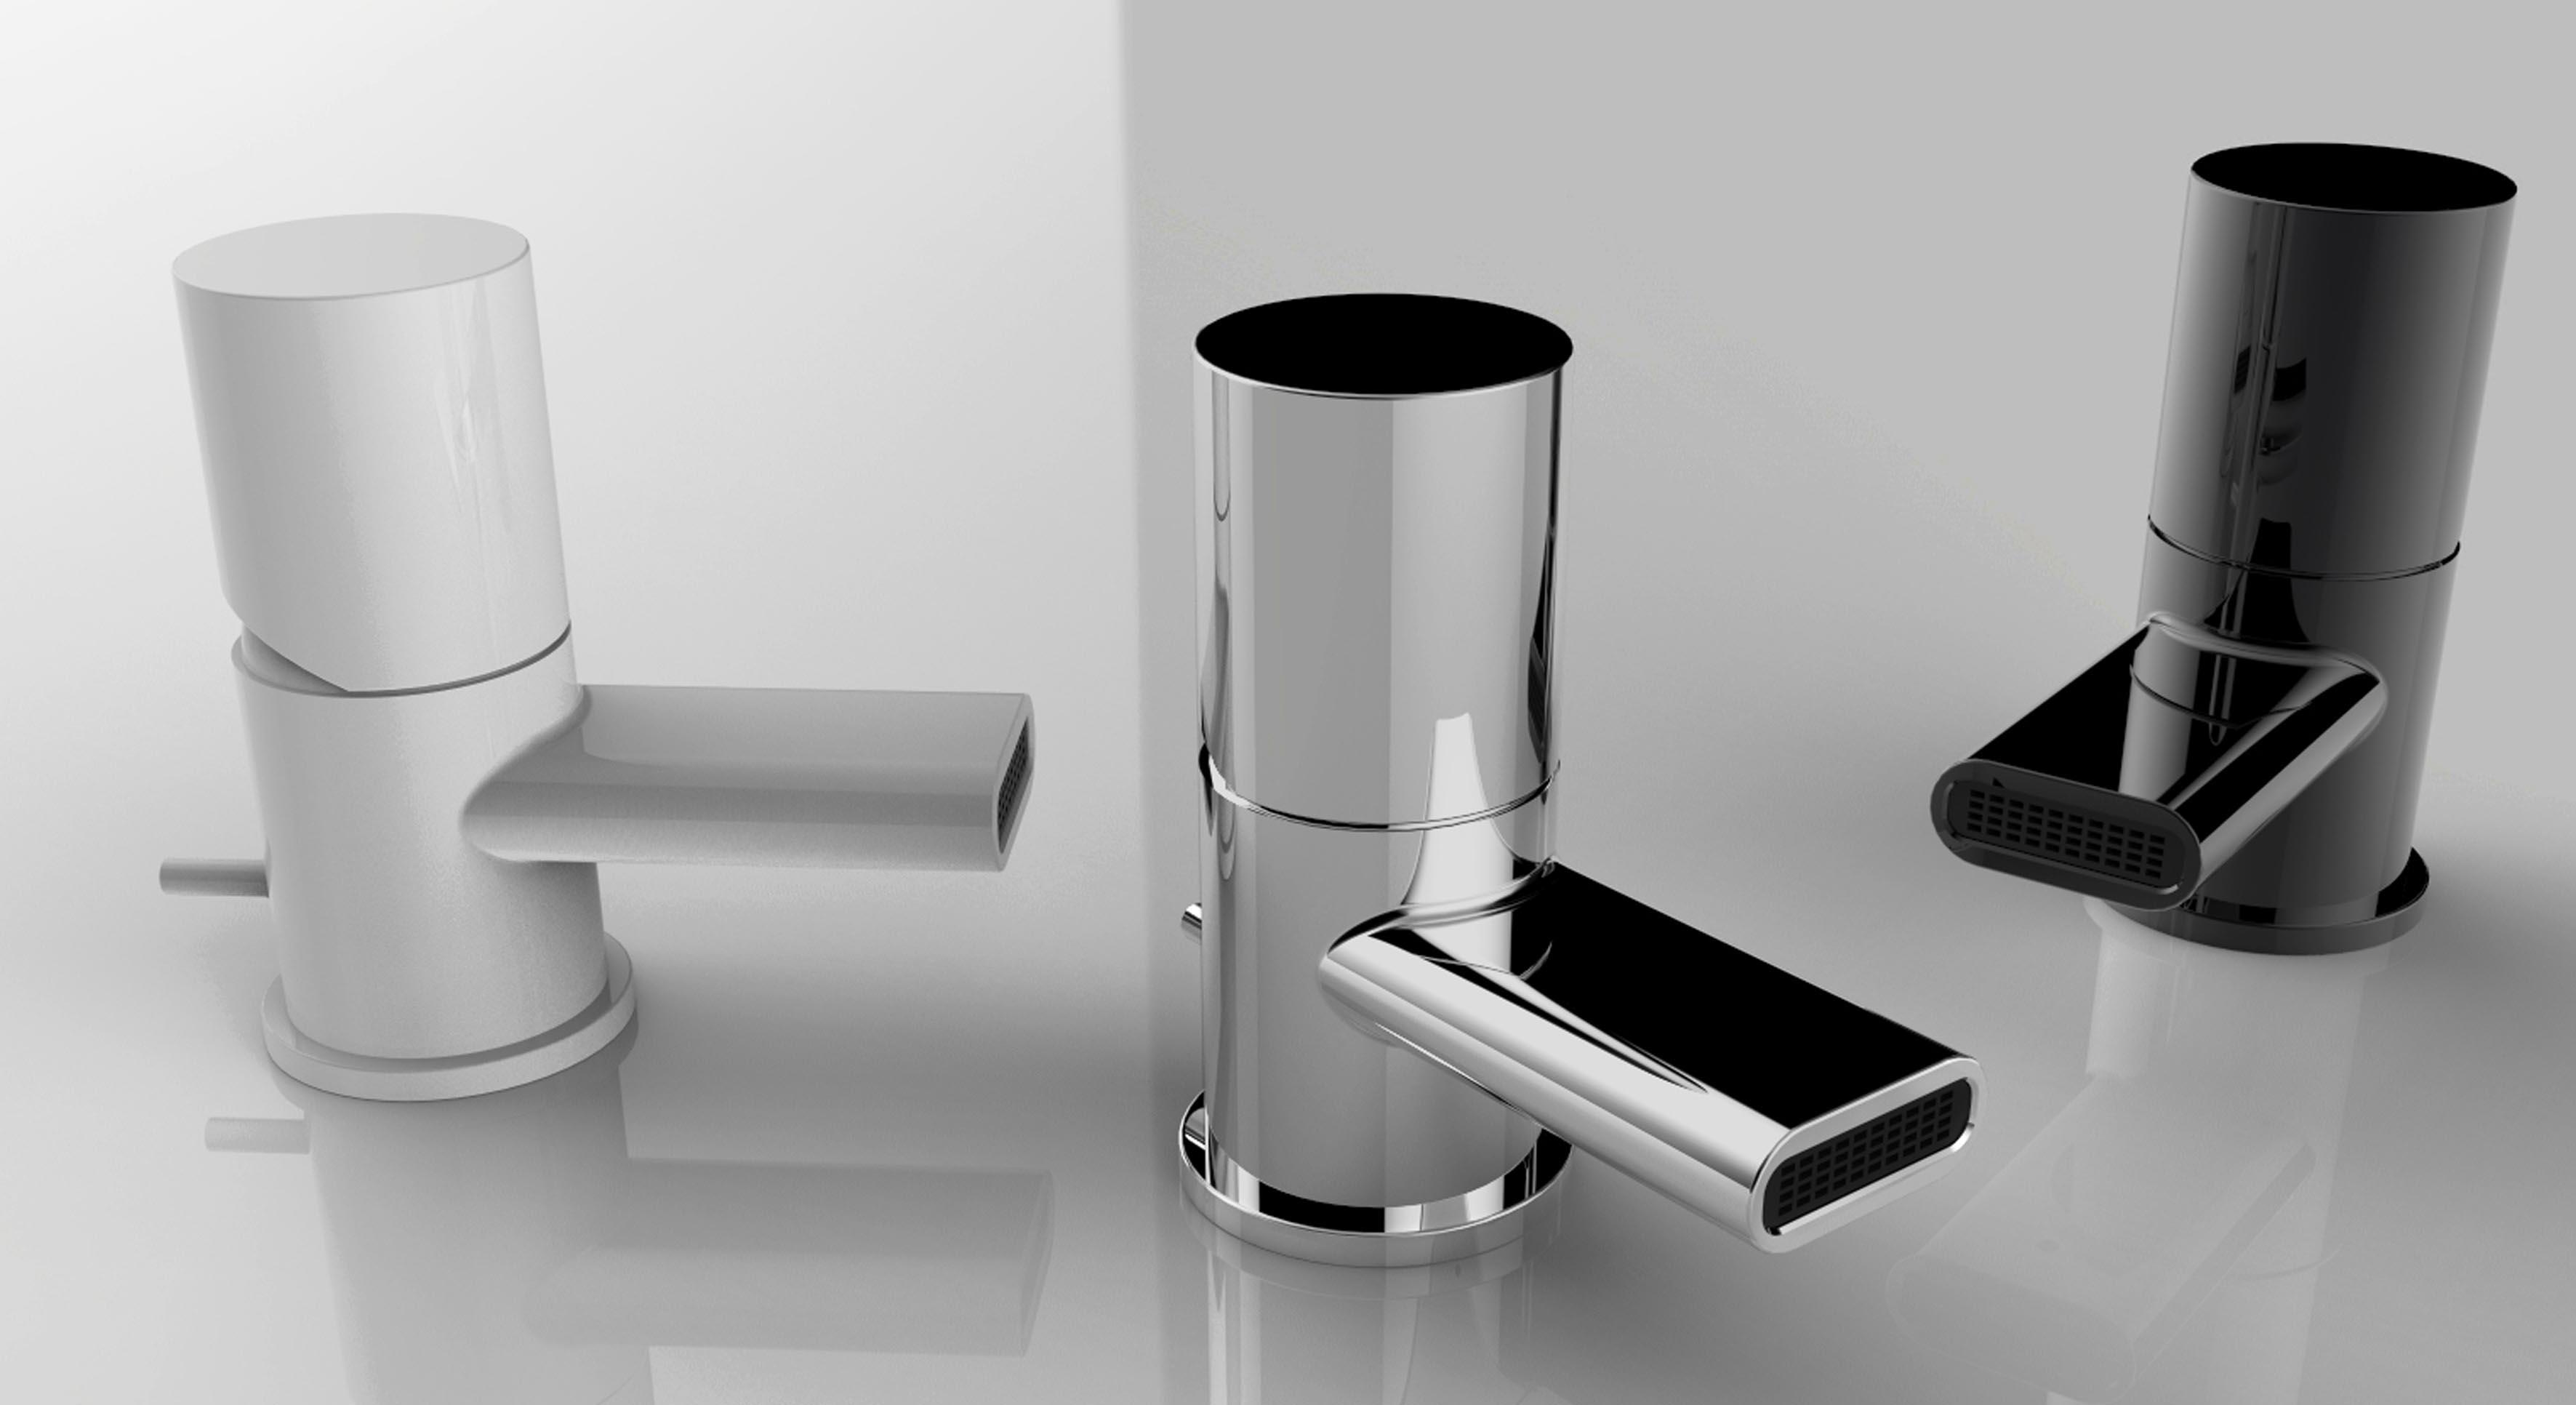 Rubinetteria da bagno prodotti per il bagno miscelatori per il